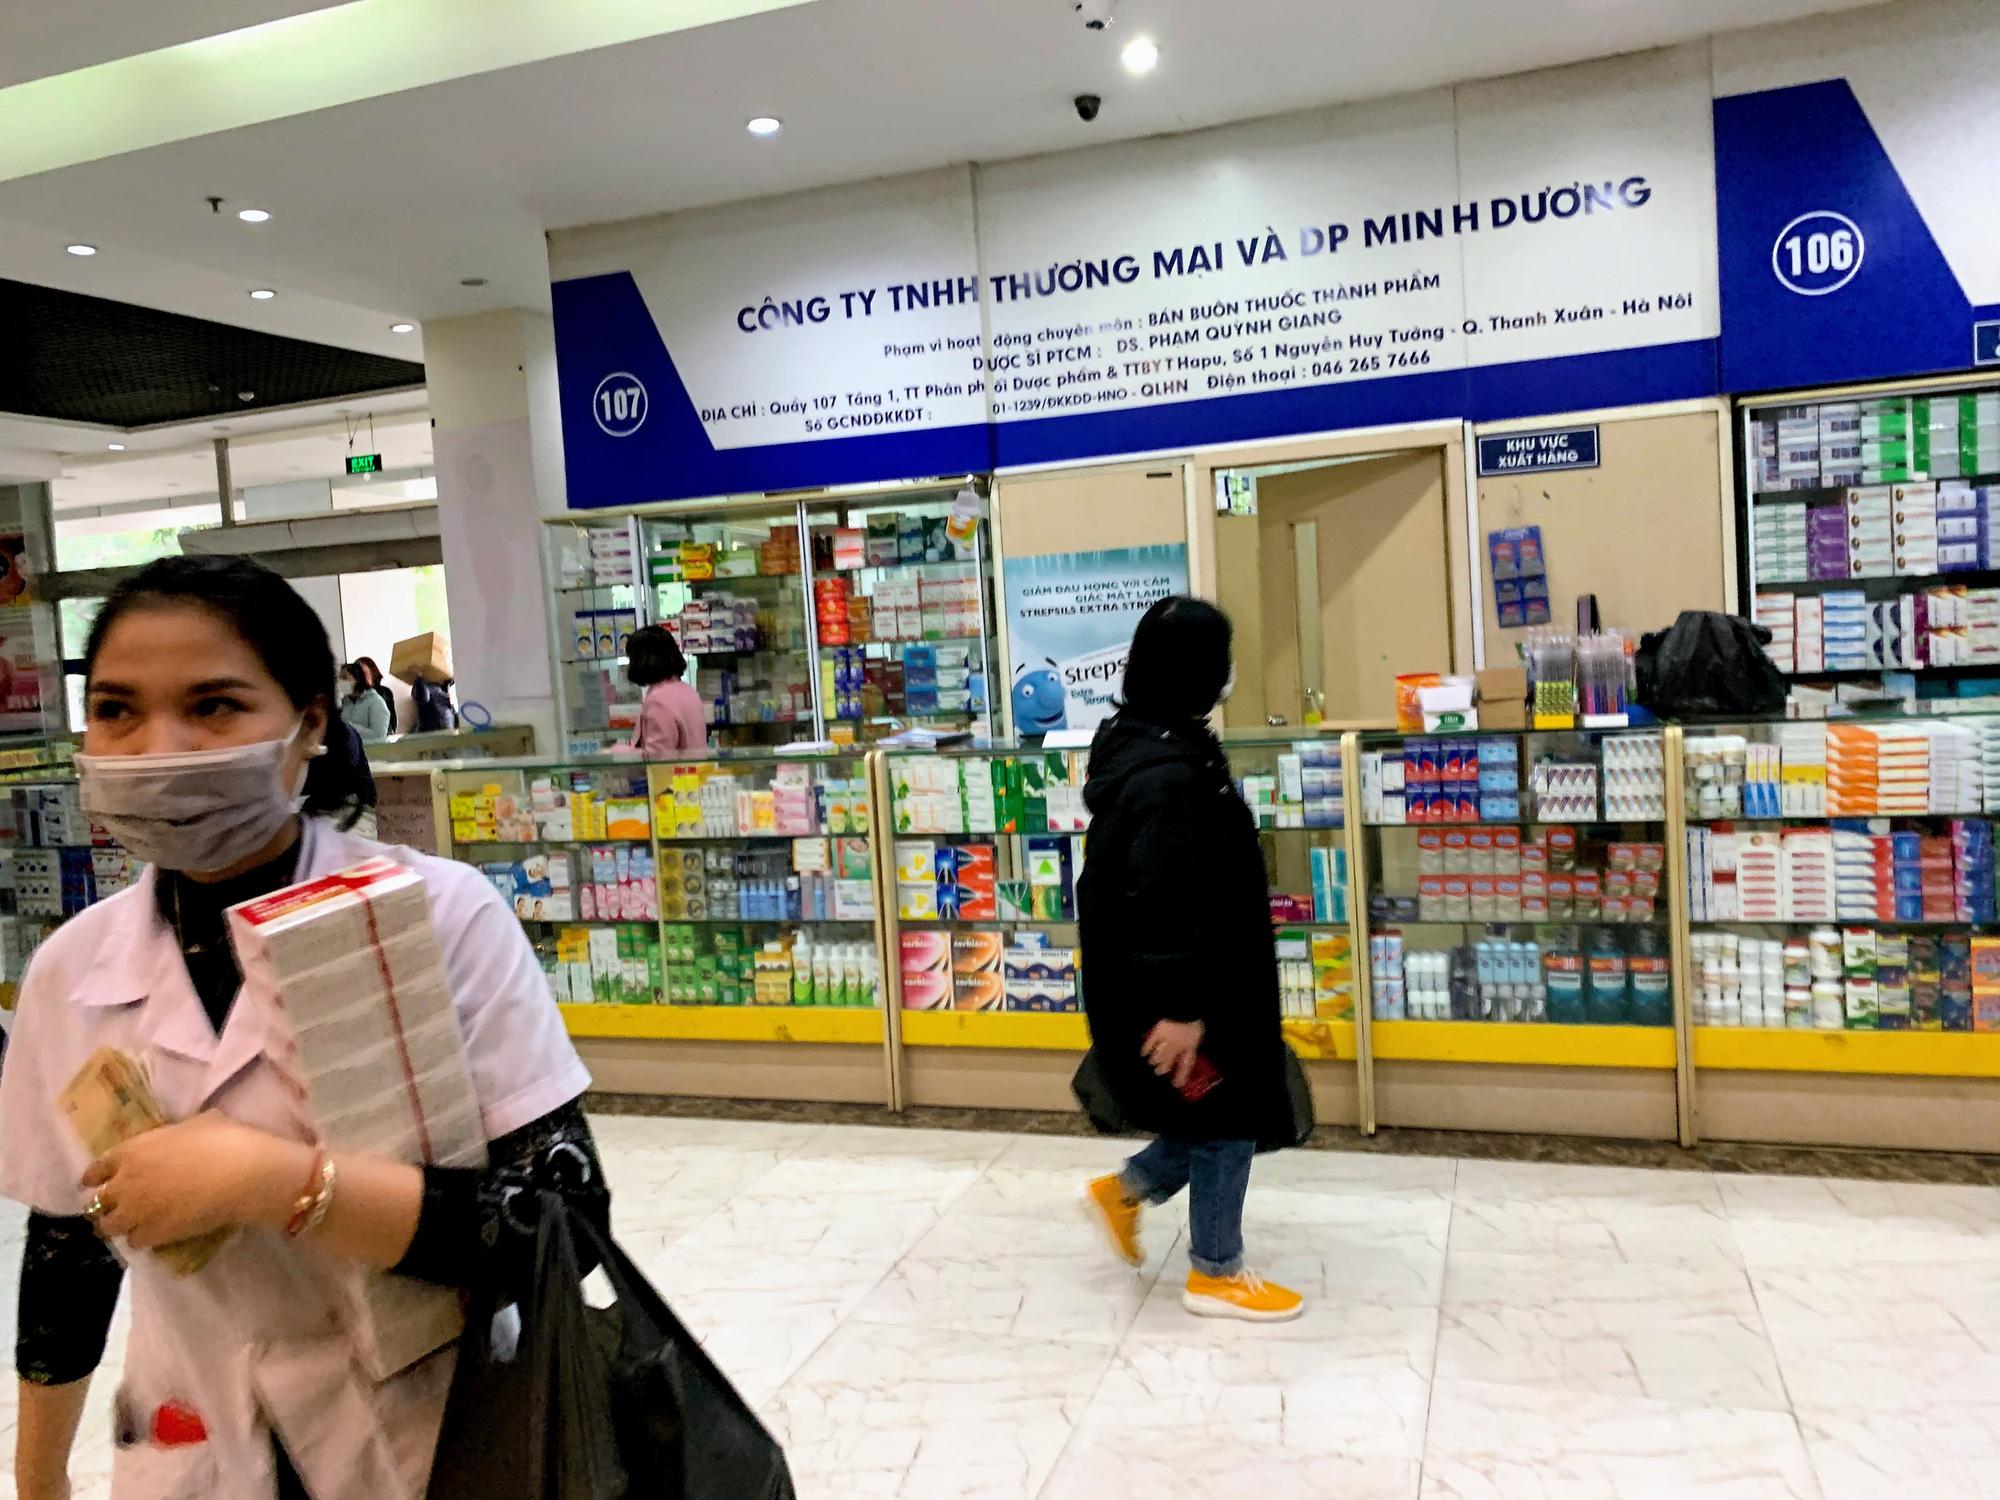 Cục trưởng Cục quản lí thị trường Hà Nội: Sẽ xử lí vụ việc chợ thuốc Hapulico đồng loạt treo biển 'không bán khẩu trang, nước rửa tay, miễn hỏi' - Ảnh 3.